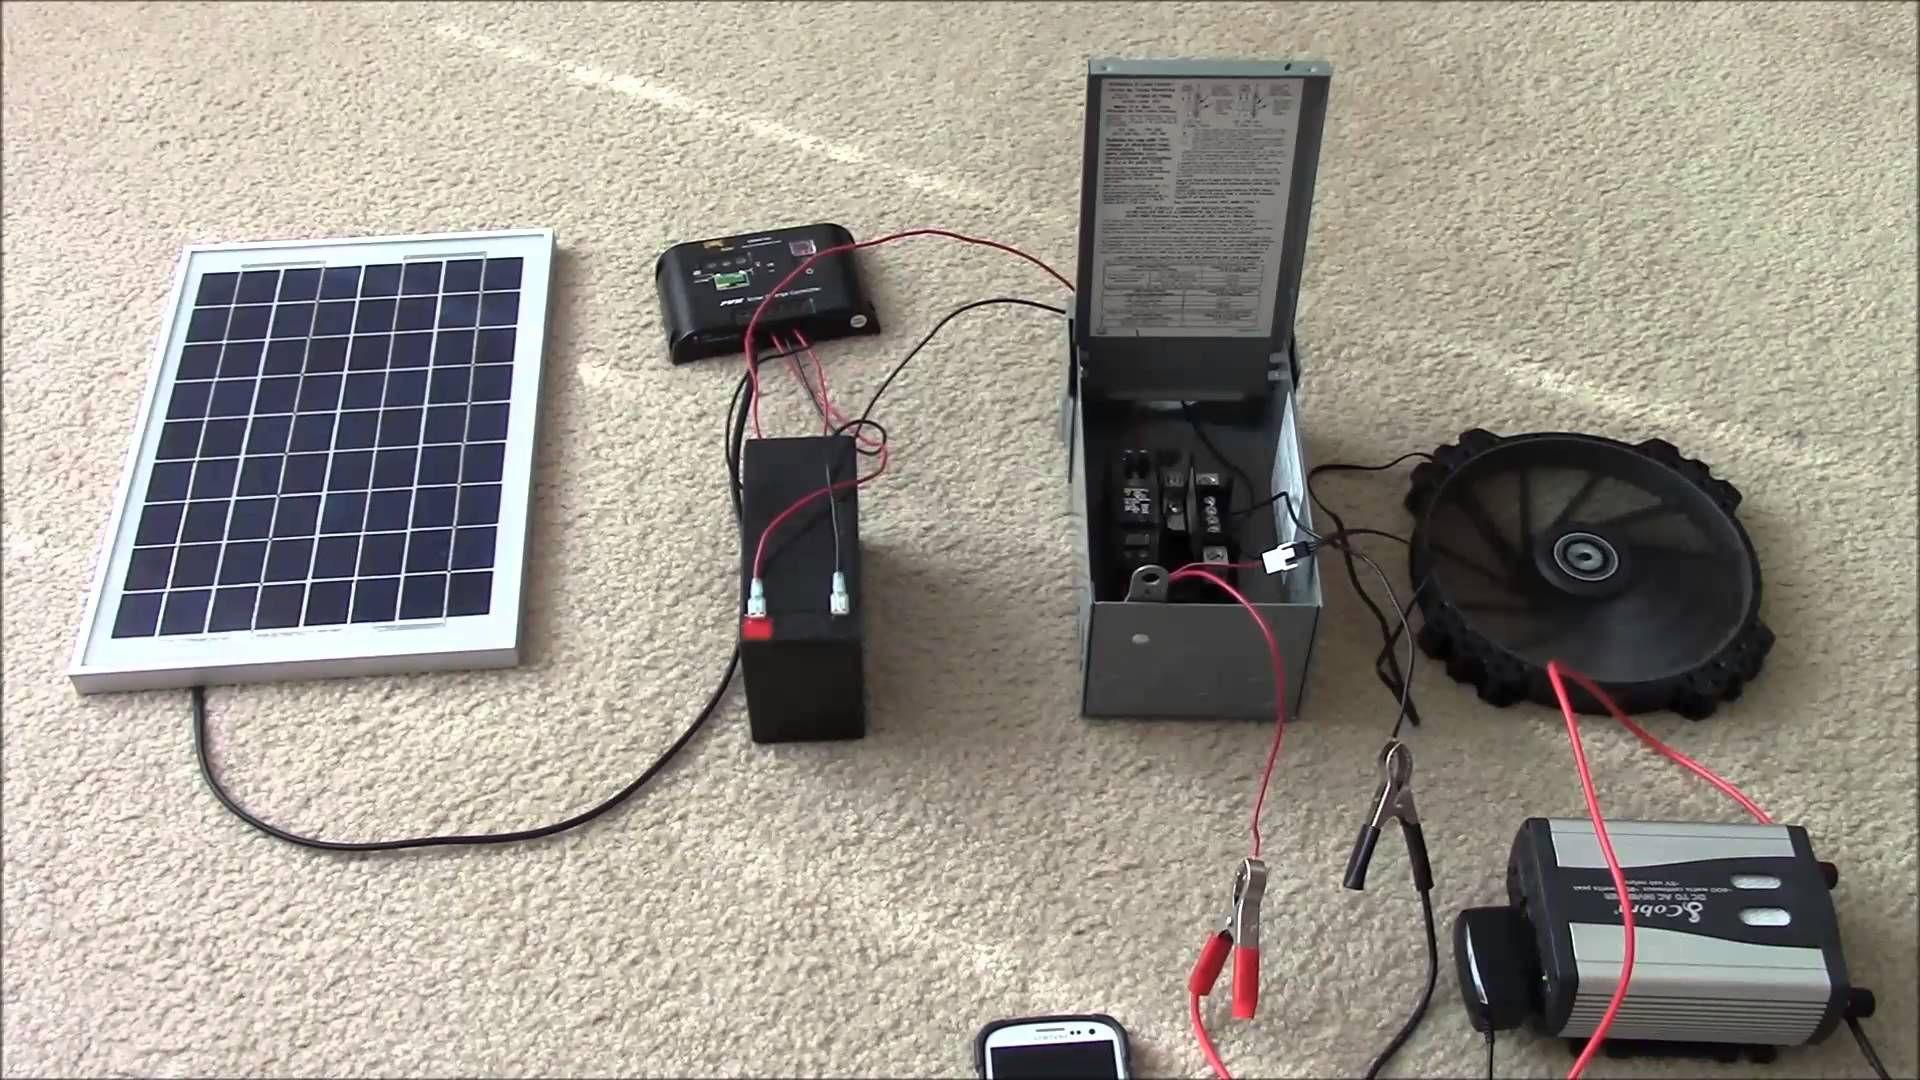 Solar Panel Systems For Beginners Pt 2 Hybrid Systems Multiple Loads Solar Panel System Solar Power System Best Solar Panels